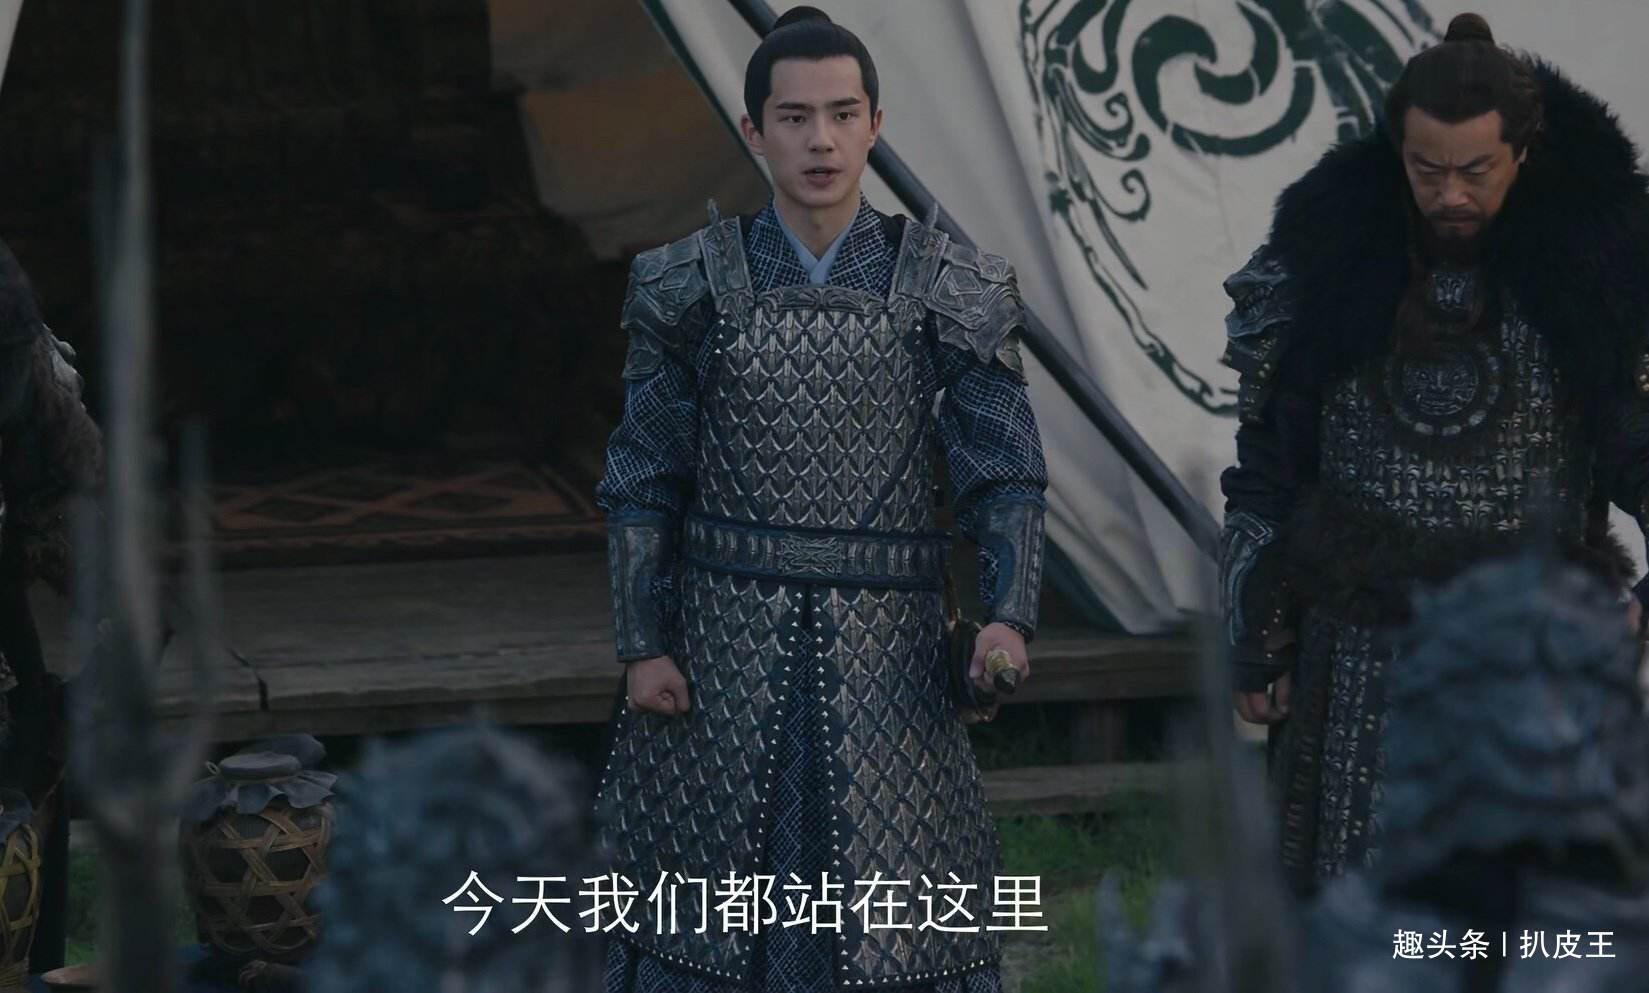 小哪吒长大了,宋祖儿《缥缈录》披金纱雍容出嫁,和刘昊然真般配